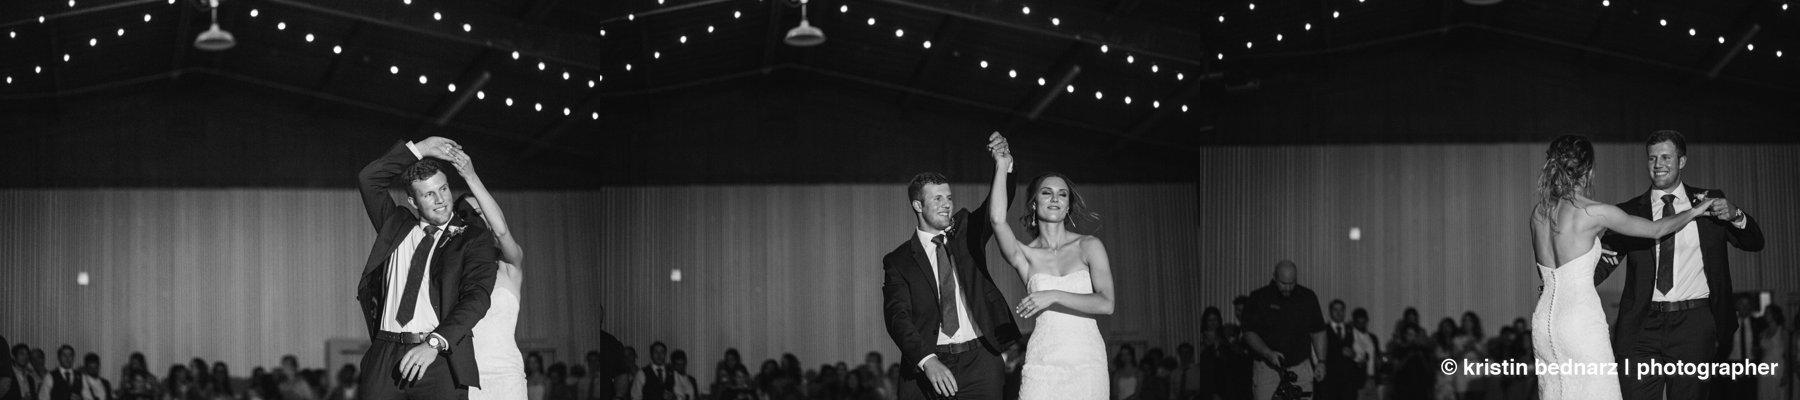 Krisitin_Bednarz_Lubbock_Wedding_Photographer_20180602_0097.JPG